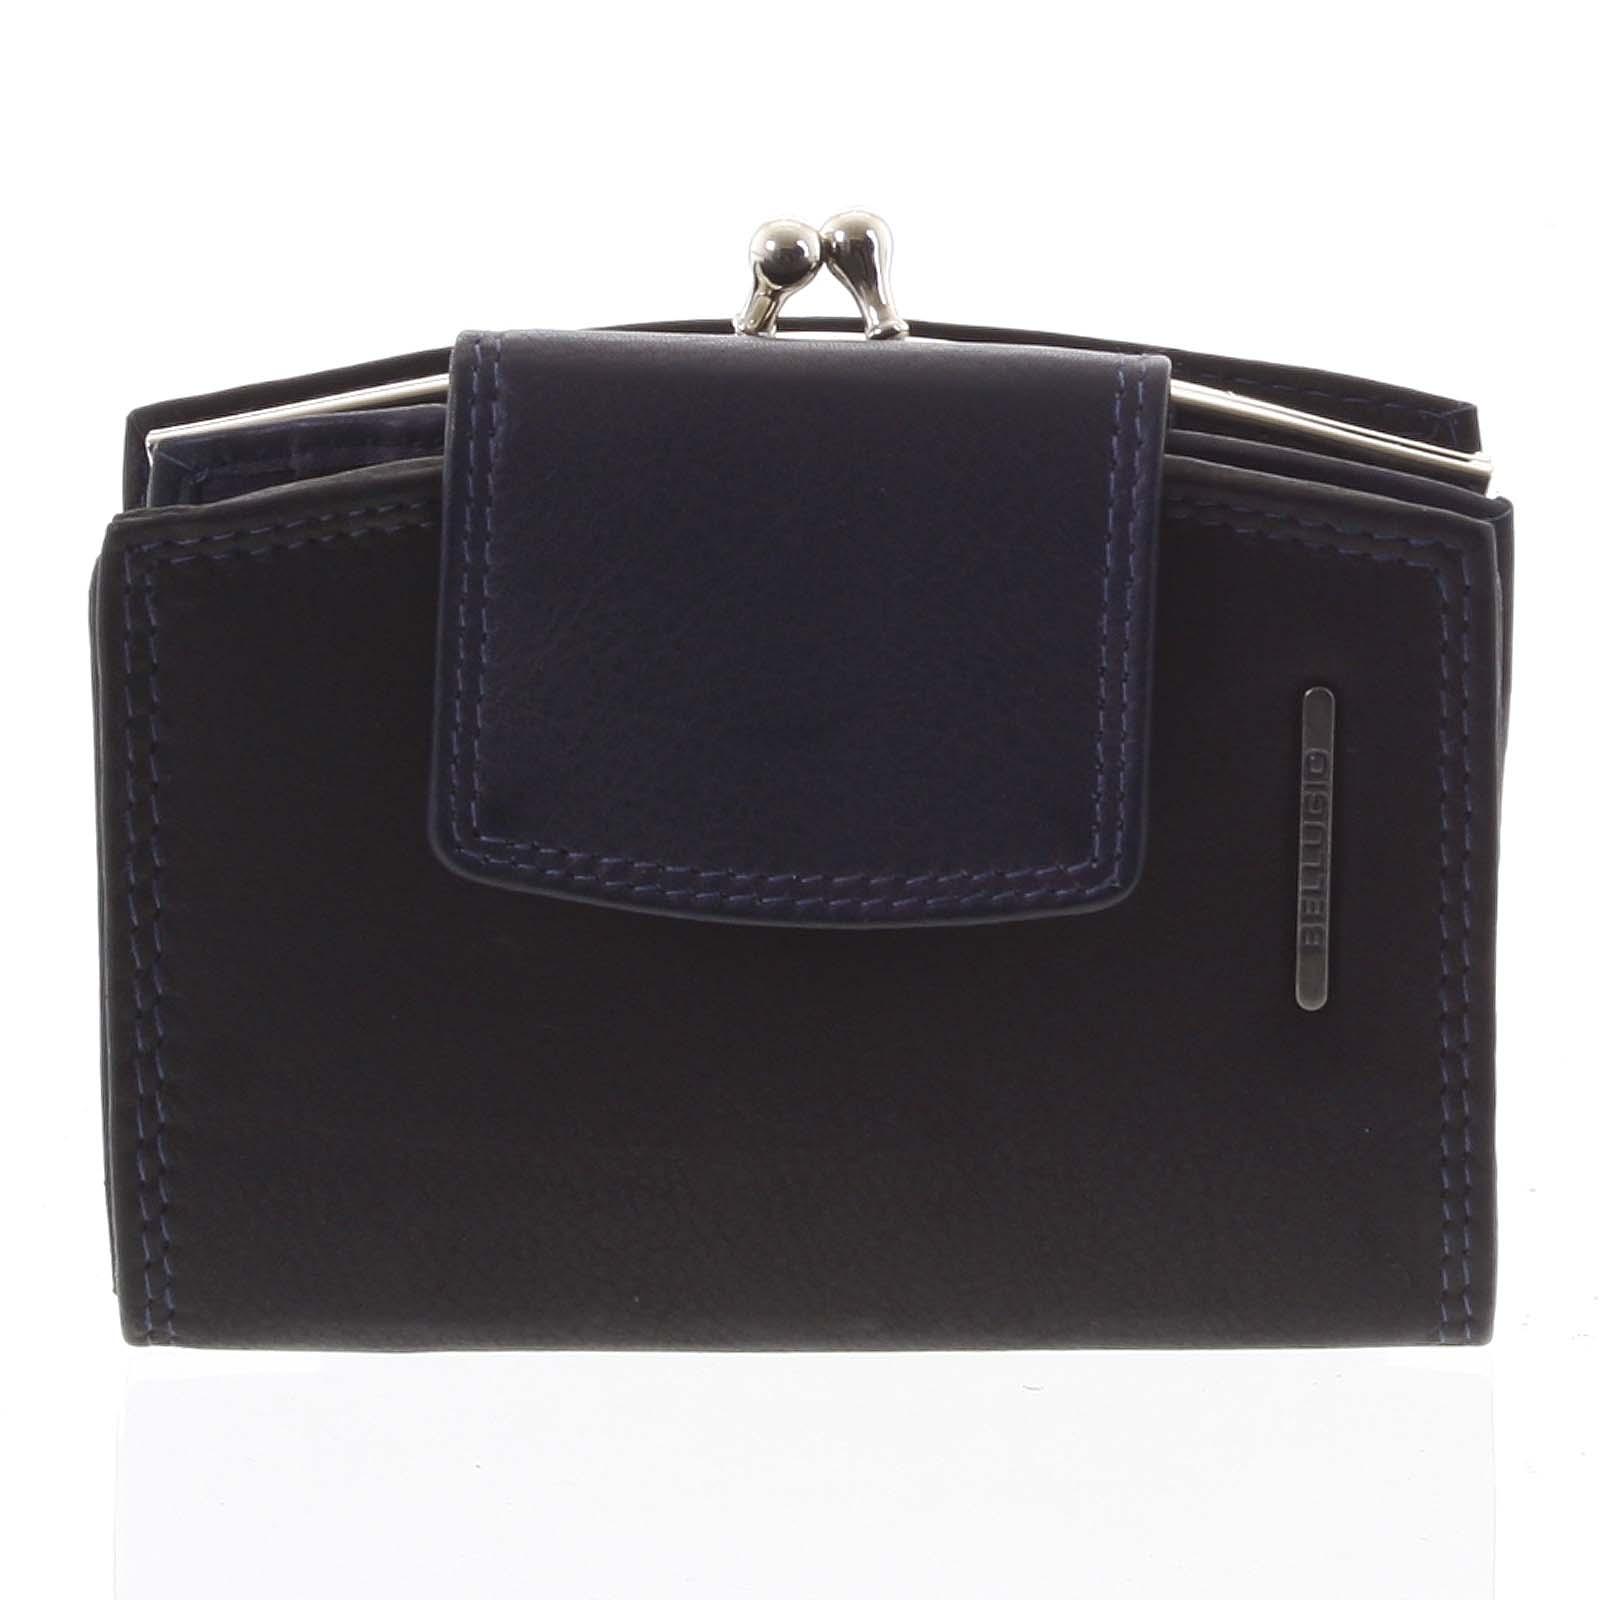 Luxusní dámská kožená peněženka černo modrá - Bellugio Armi